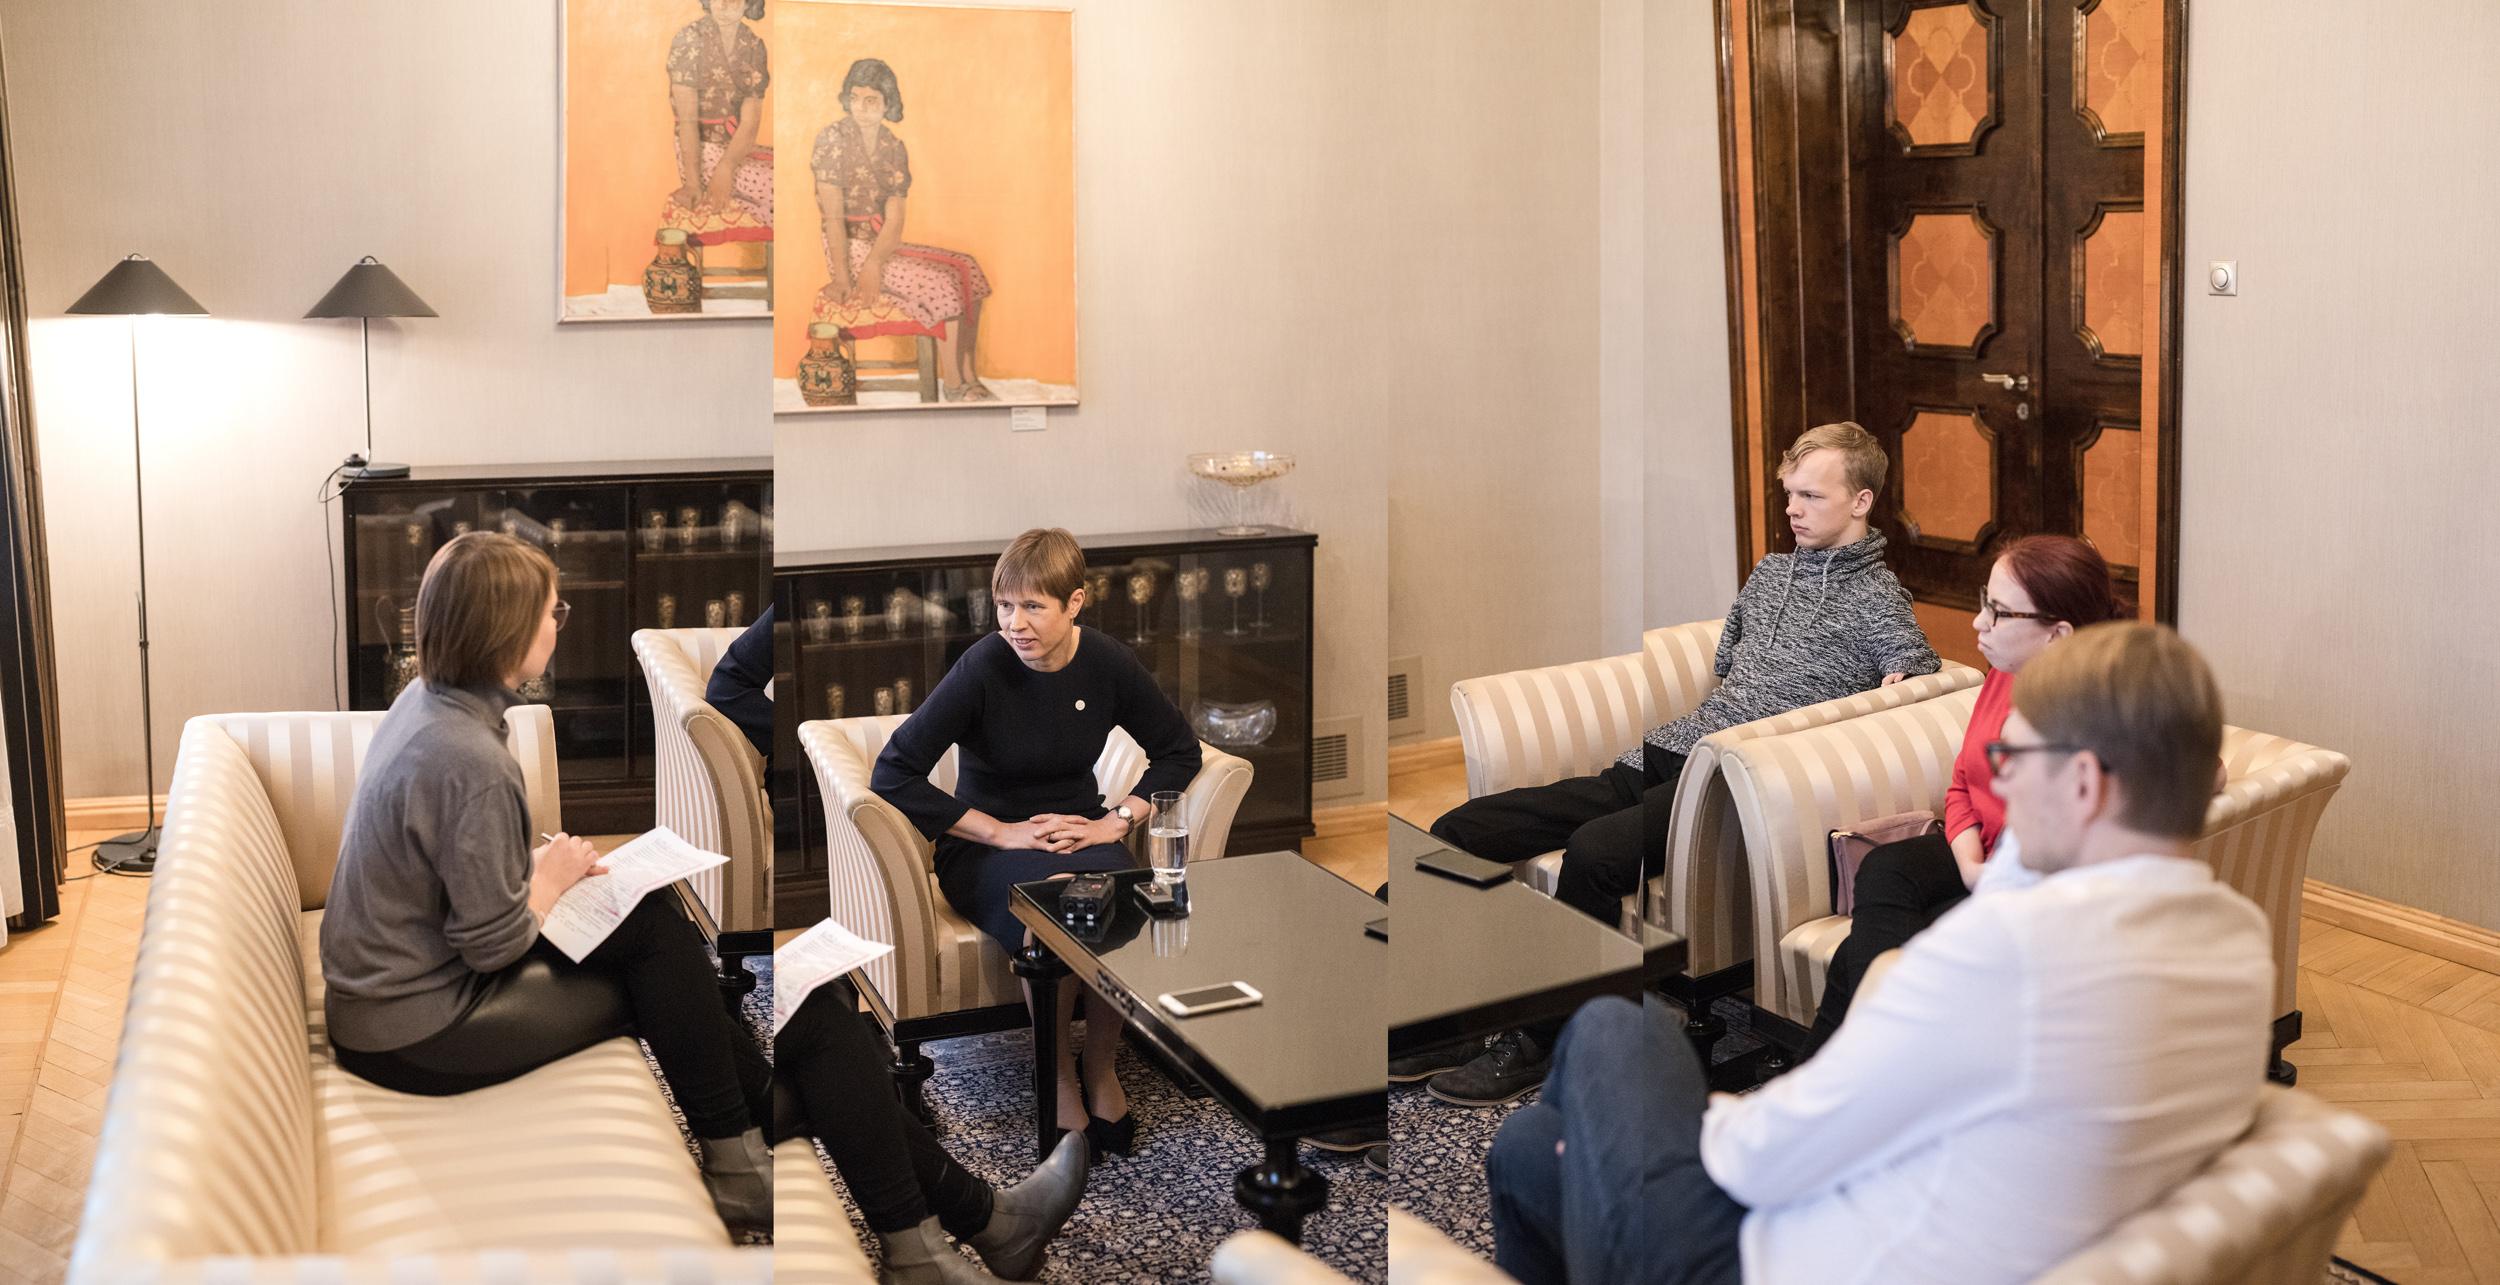 Vasakult Müürilehe peatoimetaja Helen Tammemäe, president Kersti Kaljulaid, presidendi töövarjud Matz Topkin ja Brenda Tilk ning presidendi avalike suhete nõunik Taavi Linnamäe. Foto: Renee Altrov